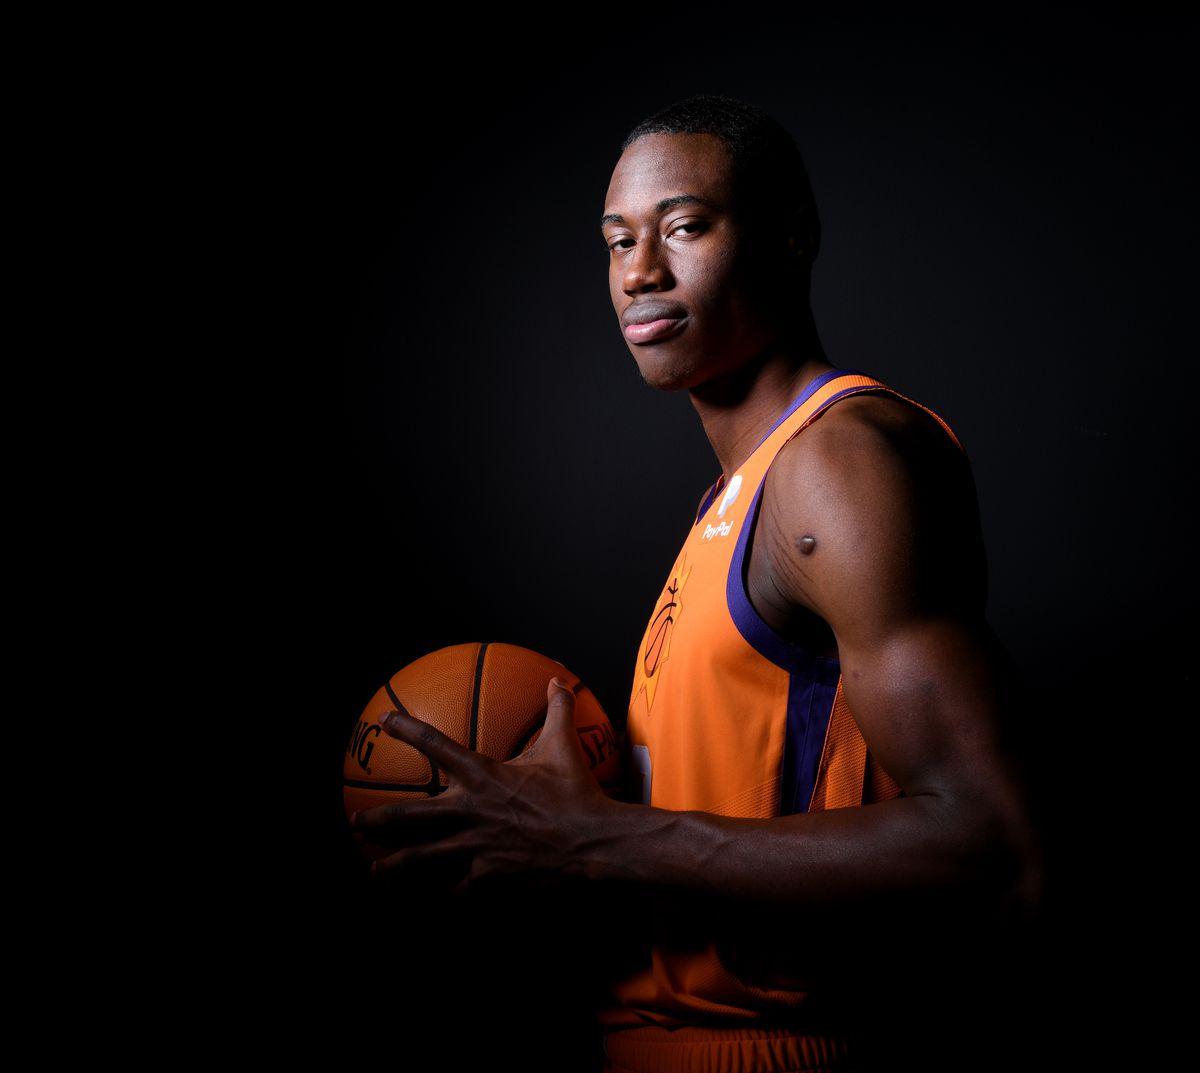 Phoenix Suns Portraits